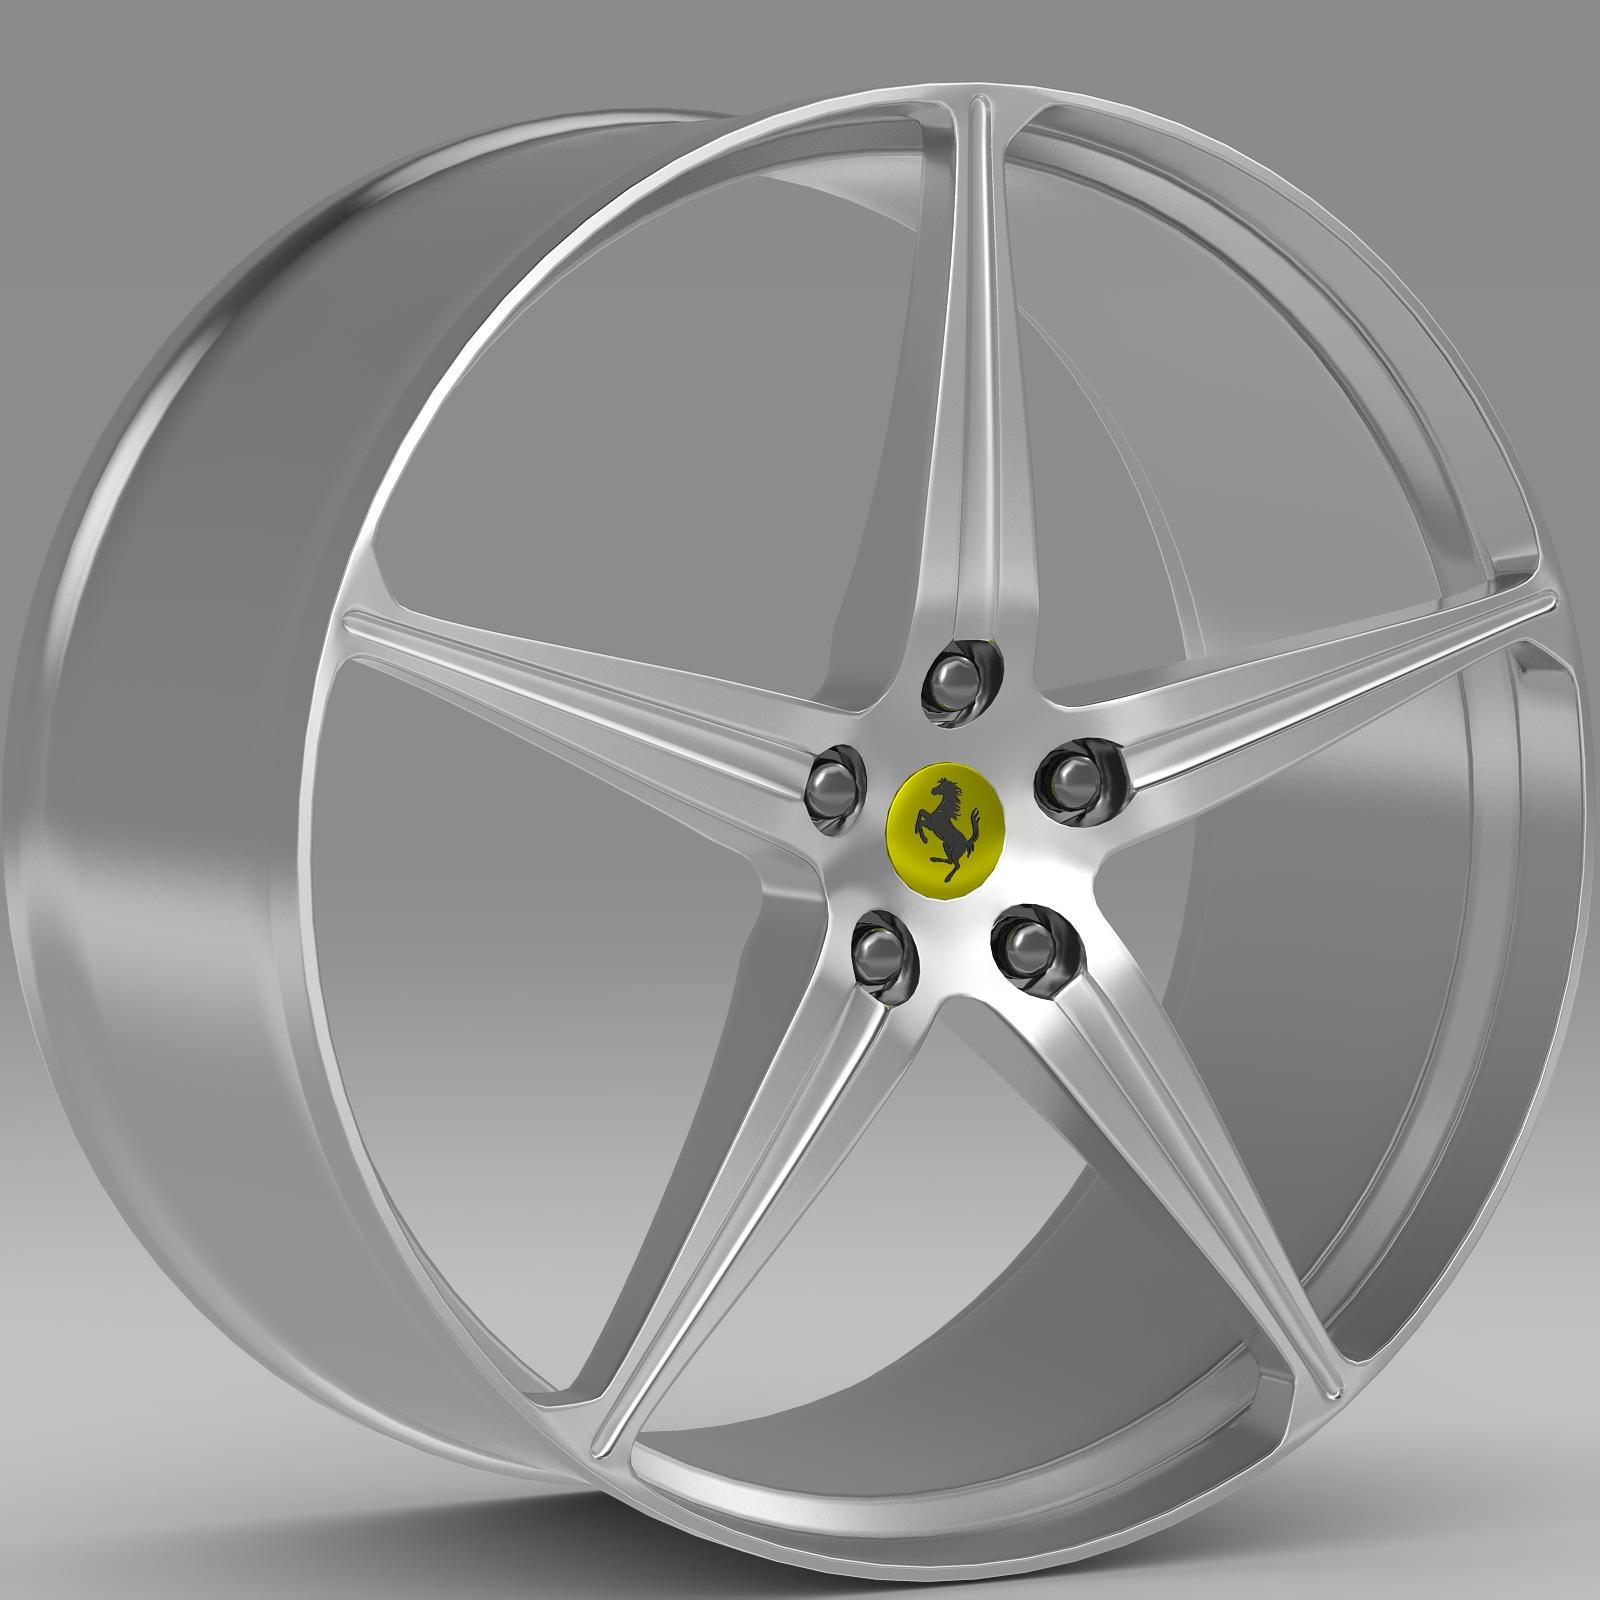 Ferrari 458 Spider rim 3d model 3ds fbx c4d lwo lws lw ma mb  obj 223640